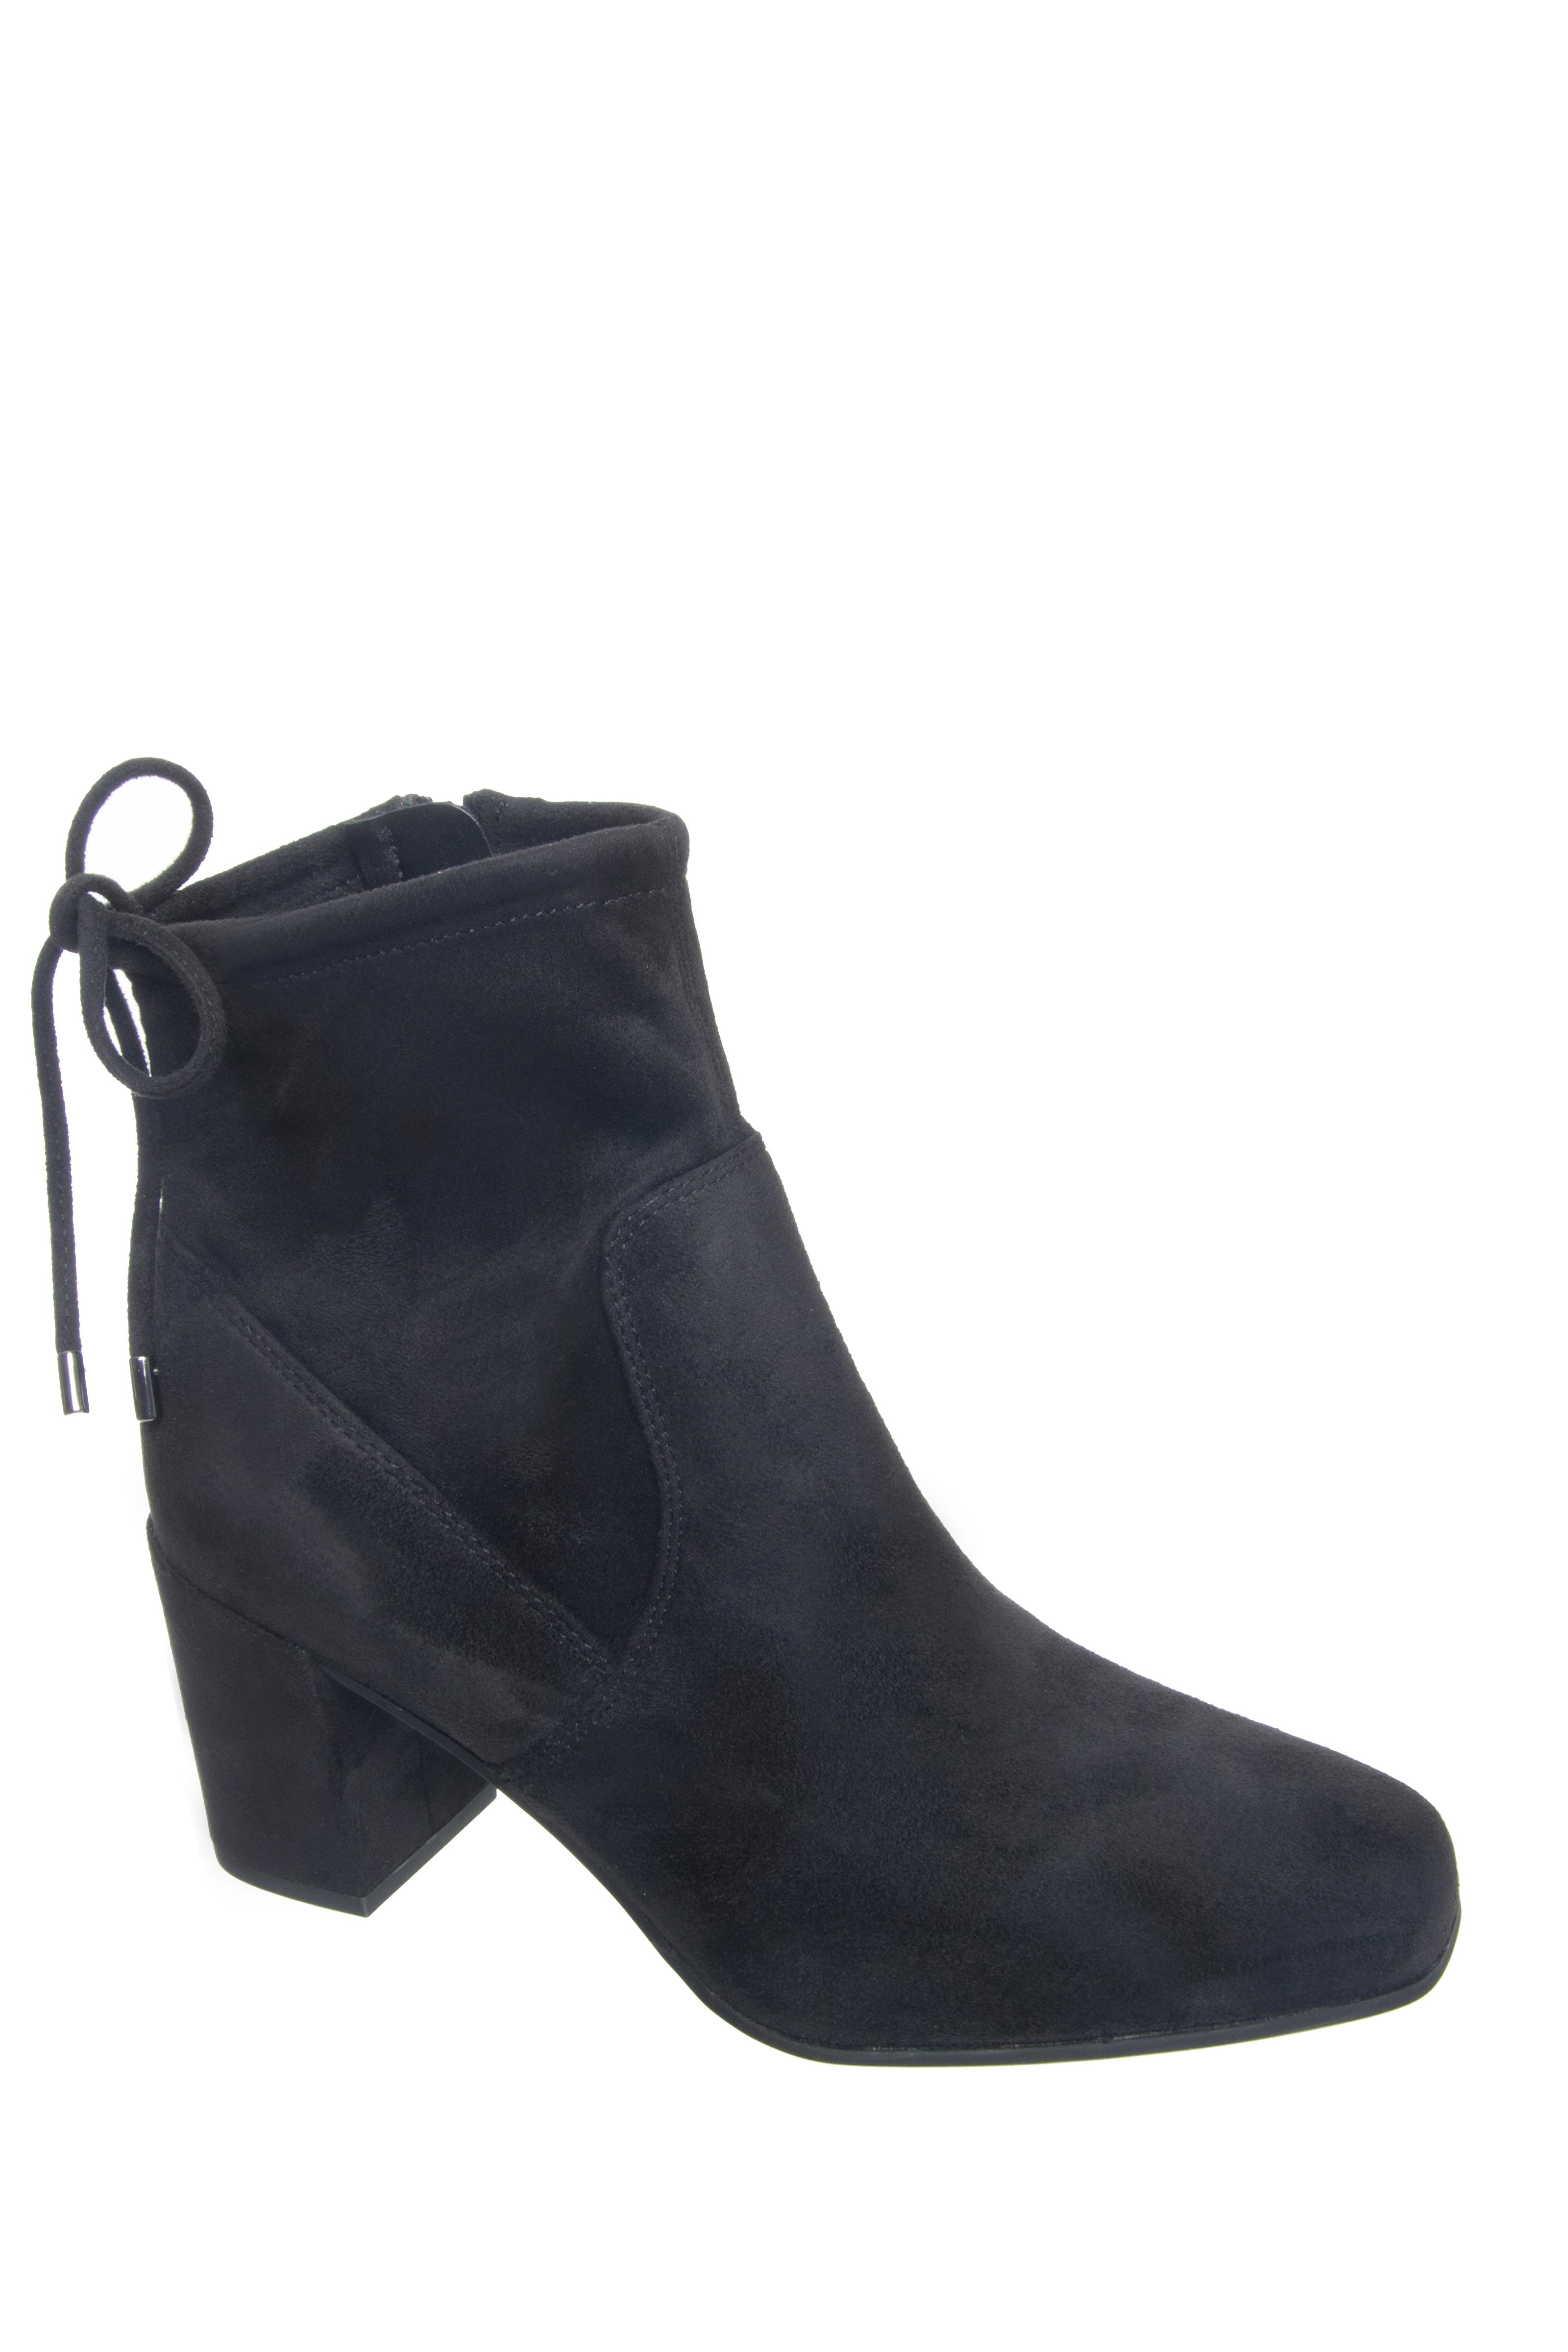 Franco Sarto Pisces Mid Heel Booties - Black